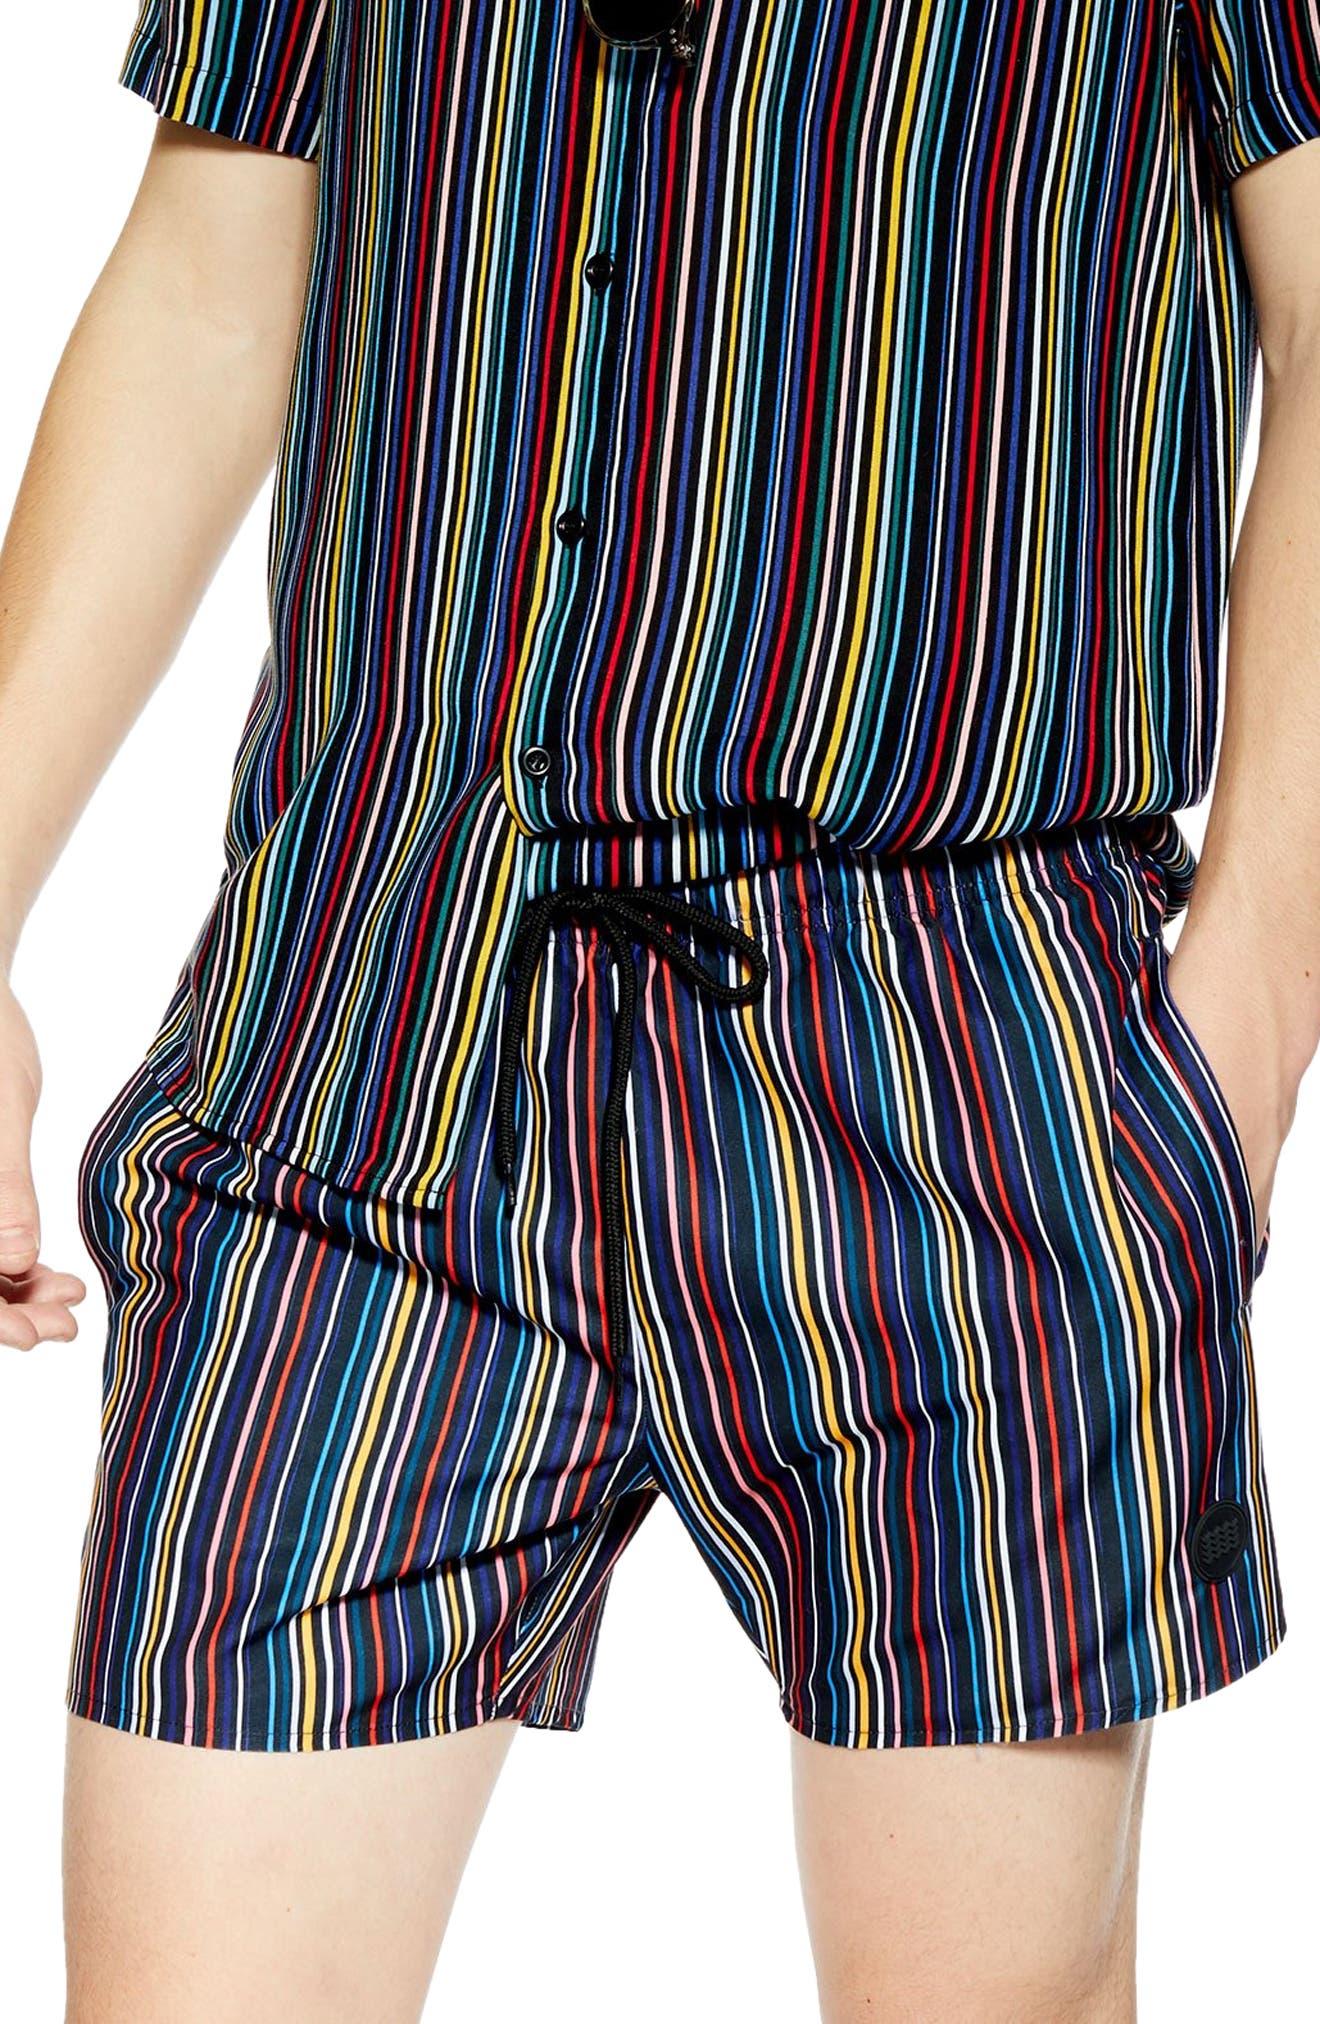 TOPMAN, Pinstripe Swim Shorts, Main thumbnail 1, color, BLACK MULTI